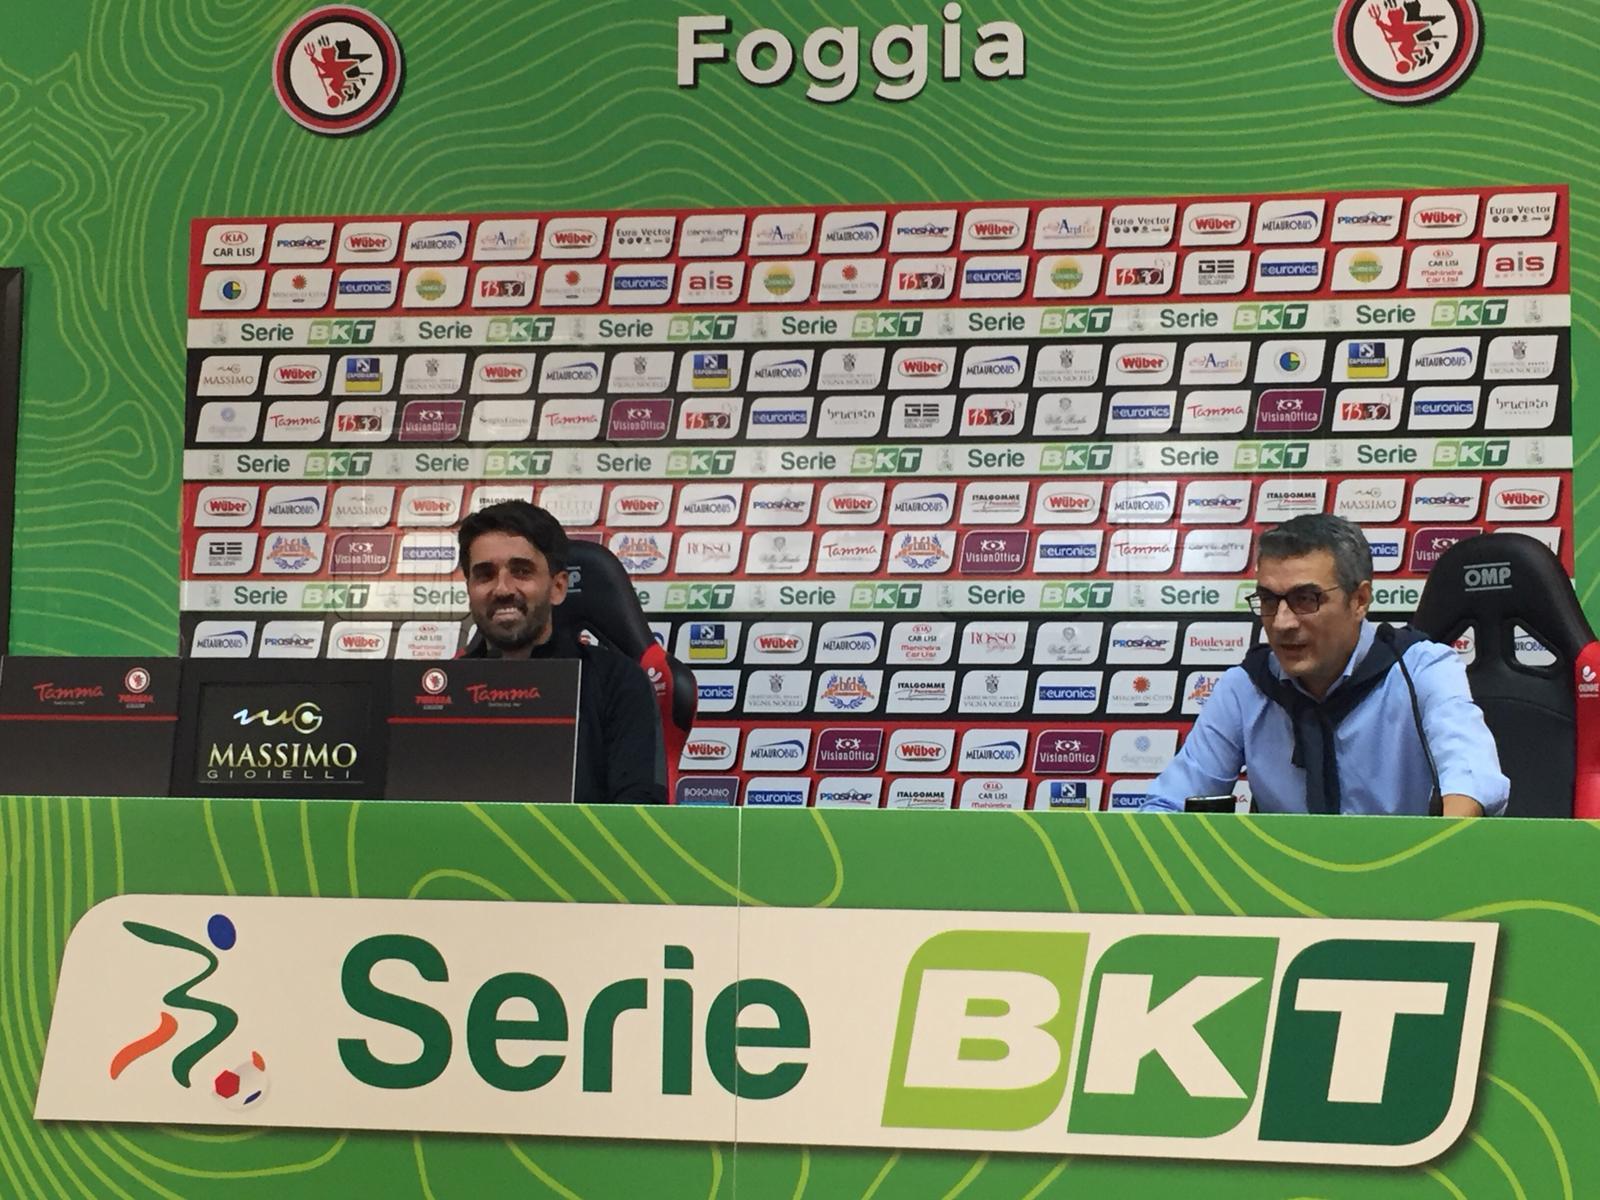 """Photo of Foggia, Grassadonia: """"Domani ci sarà da soffrire, ma lo faremo da squadra. Giocheremo a viso aperto e la consapevolezza di poter fare risultato."""""""